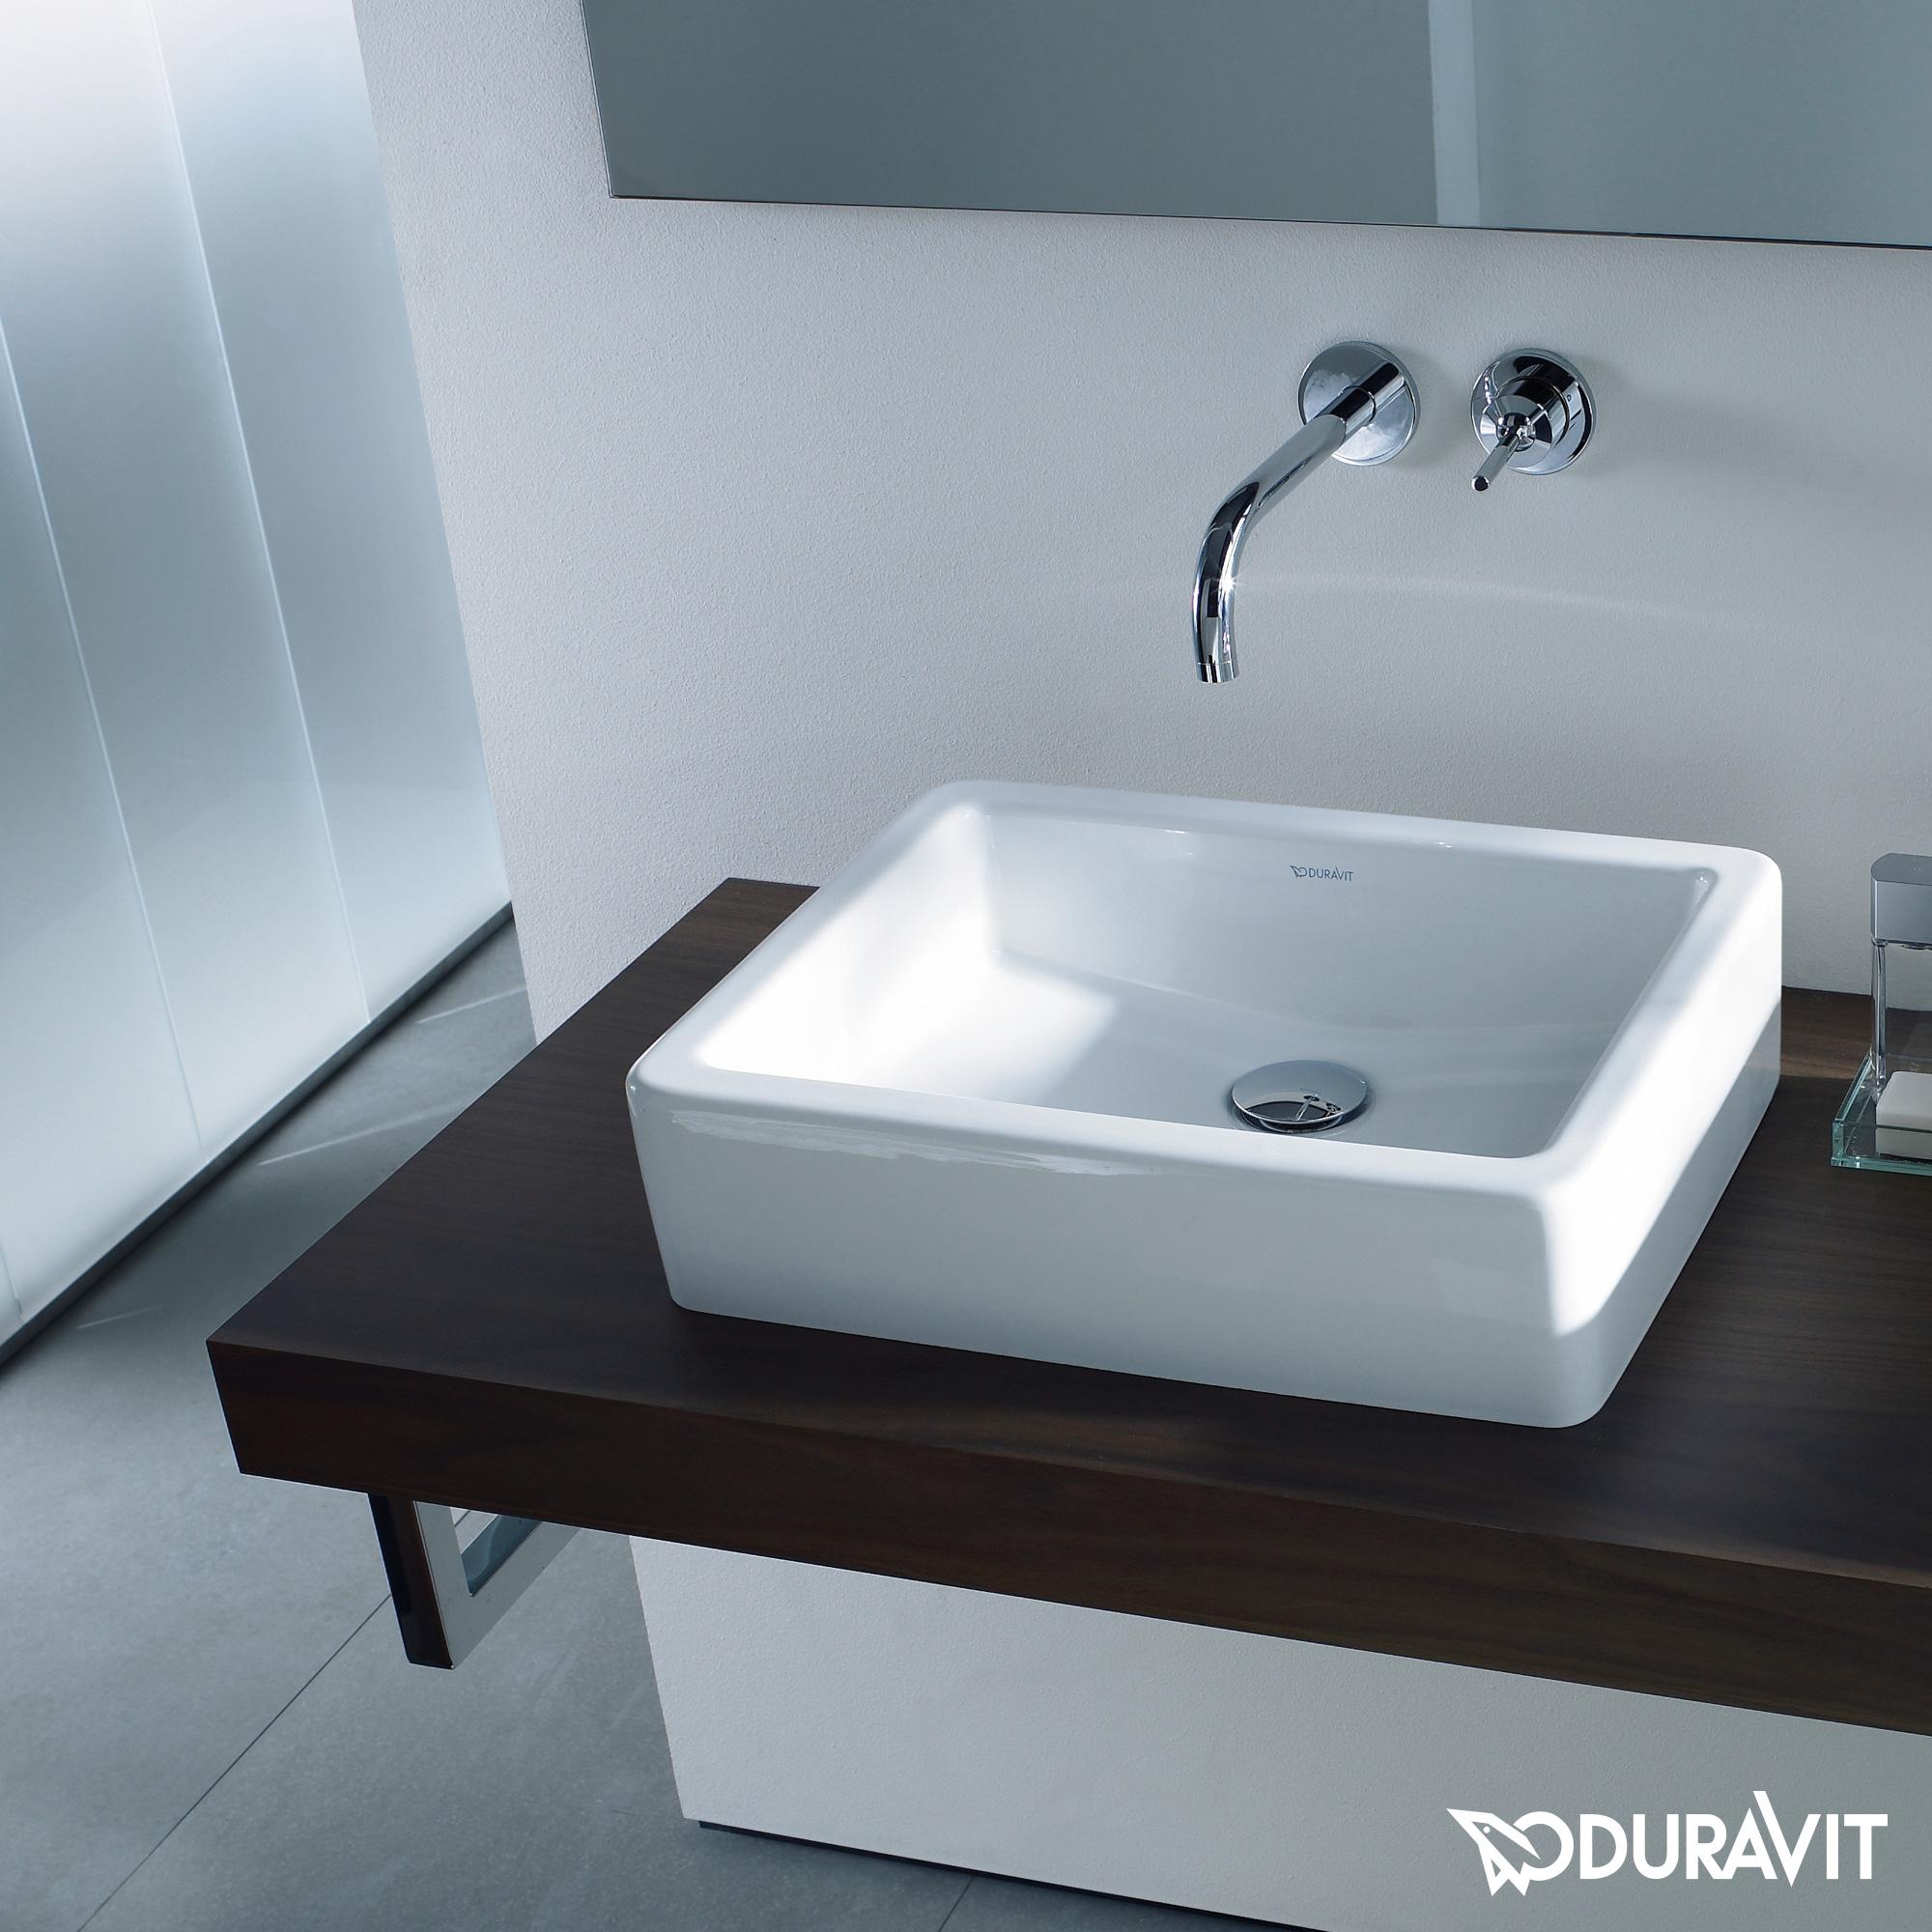 duravit vero konsole f r aufsatzbecken und. Black Bedroom Furniture Sets. Home Design Ideas